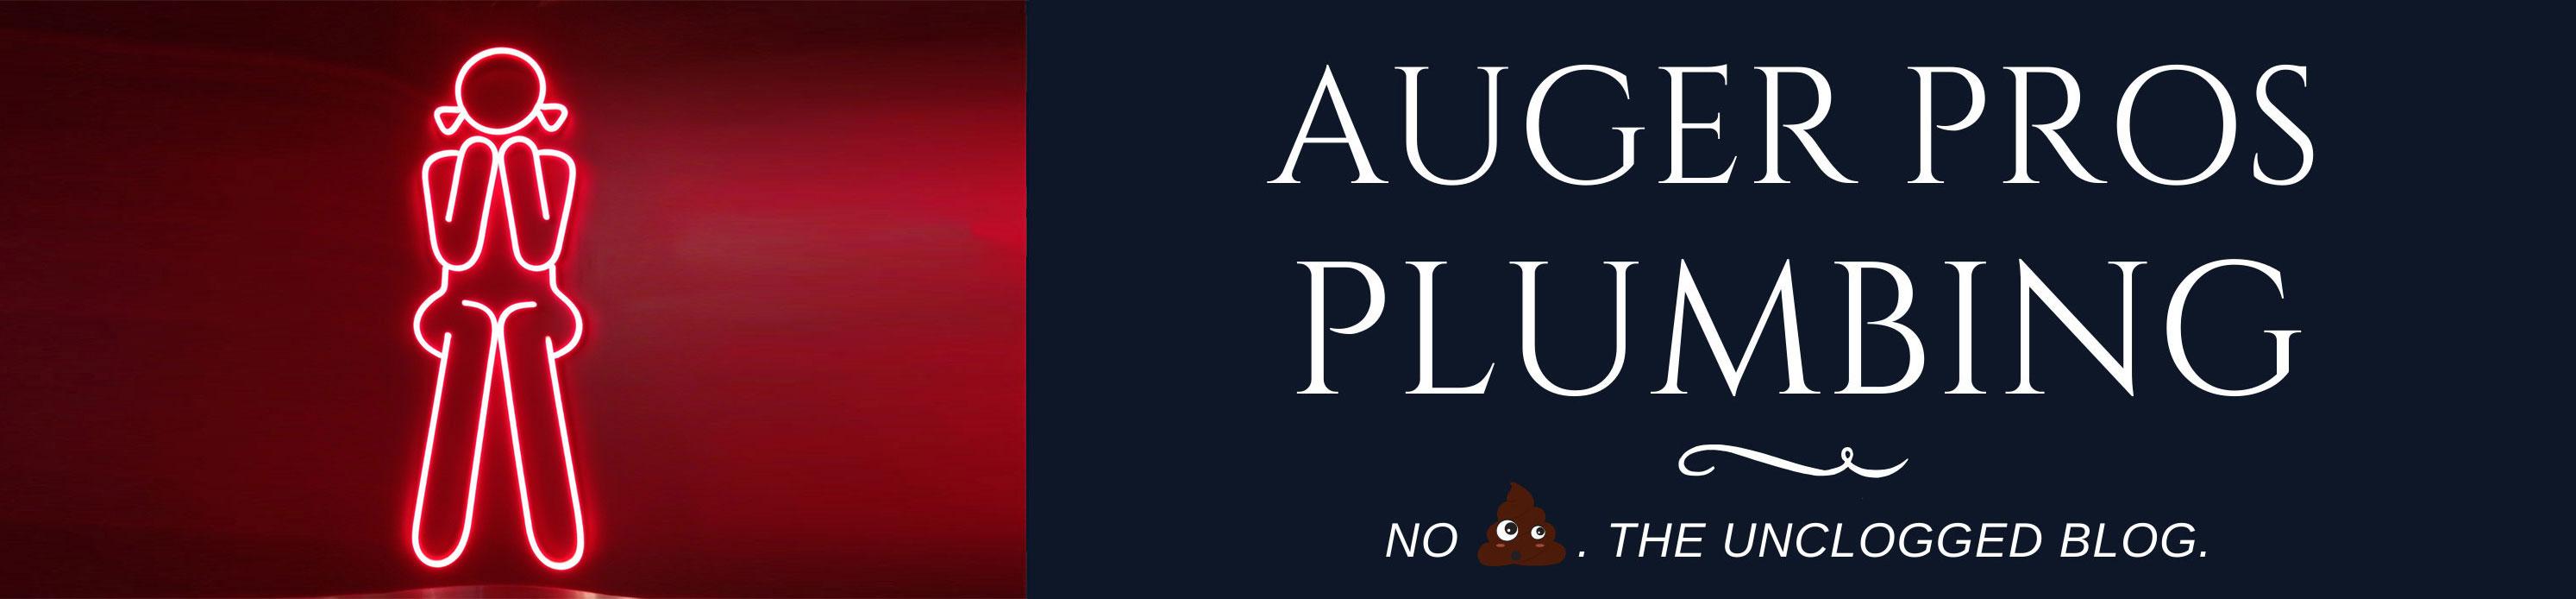 AugerPros Plumbing Blog